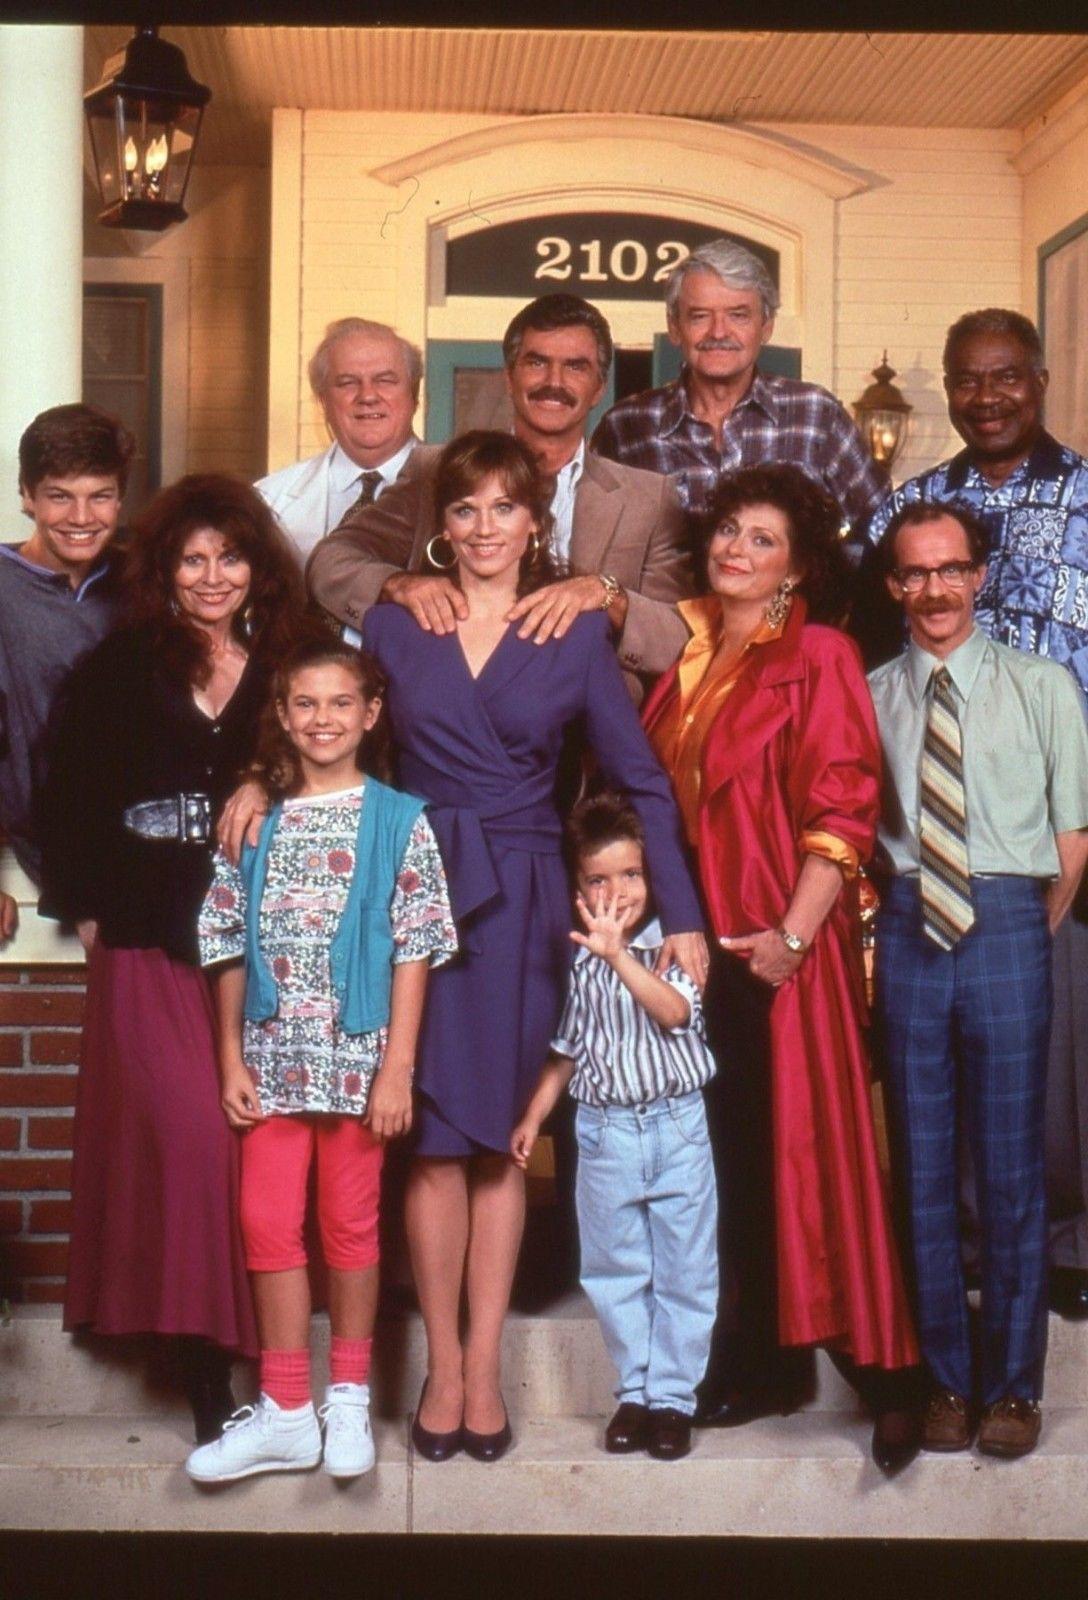 EVENING_SHADE_-_Starring_Burt_Reynolds_-Cast_Color_Slide_Transparency_Negative